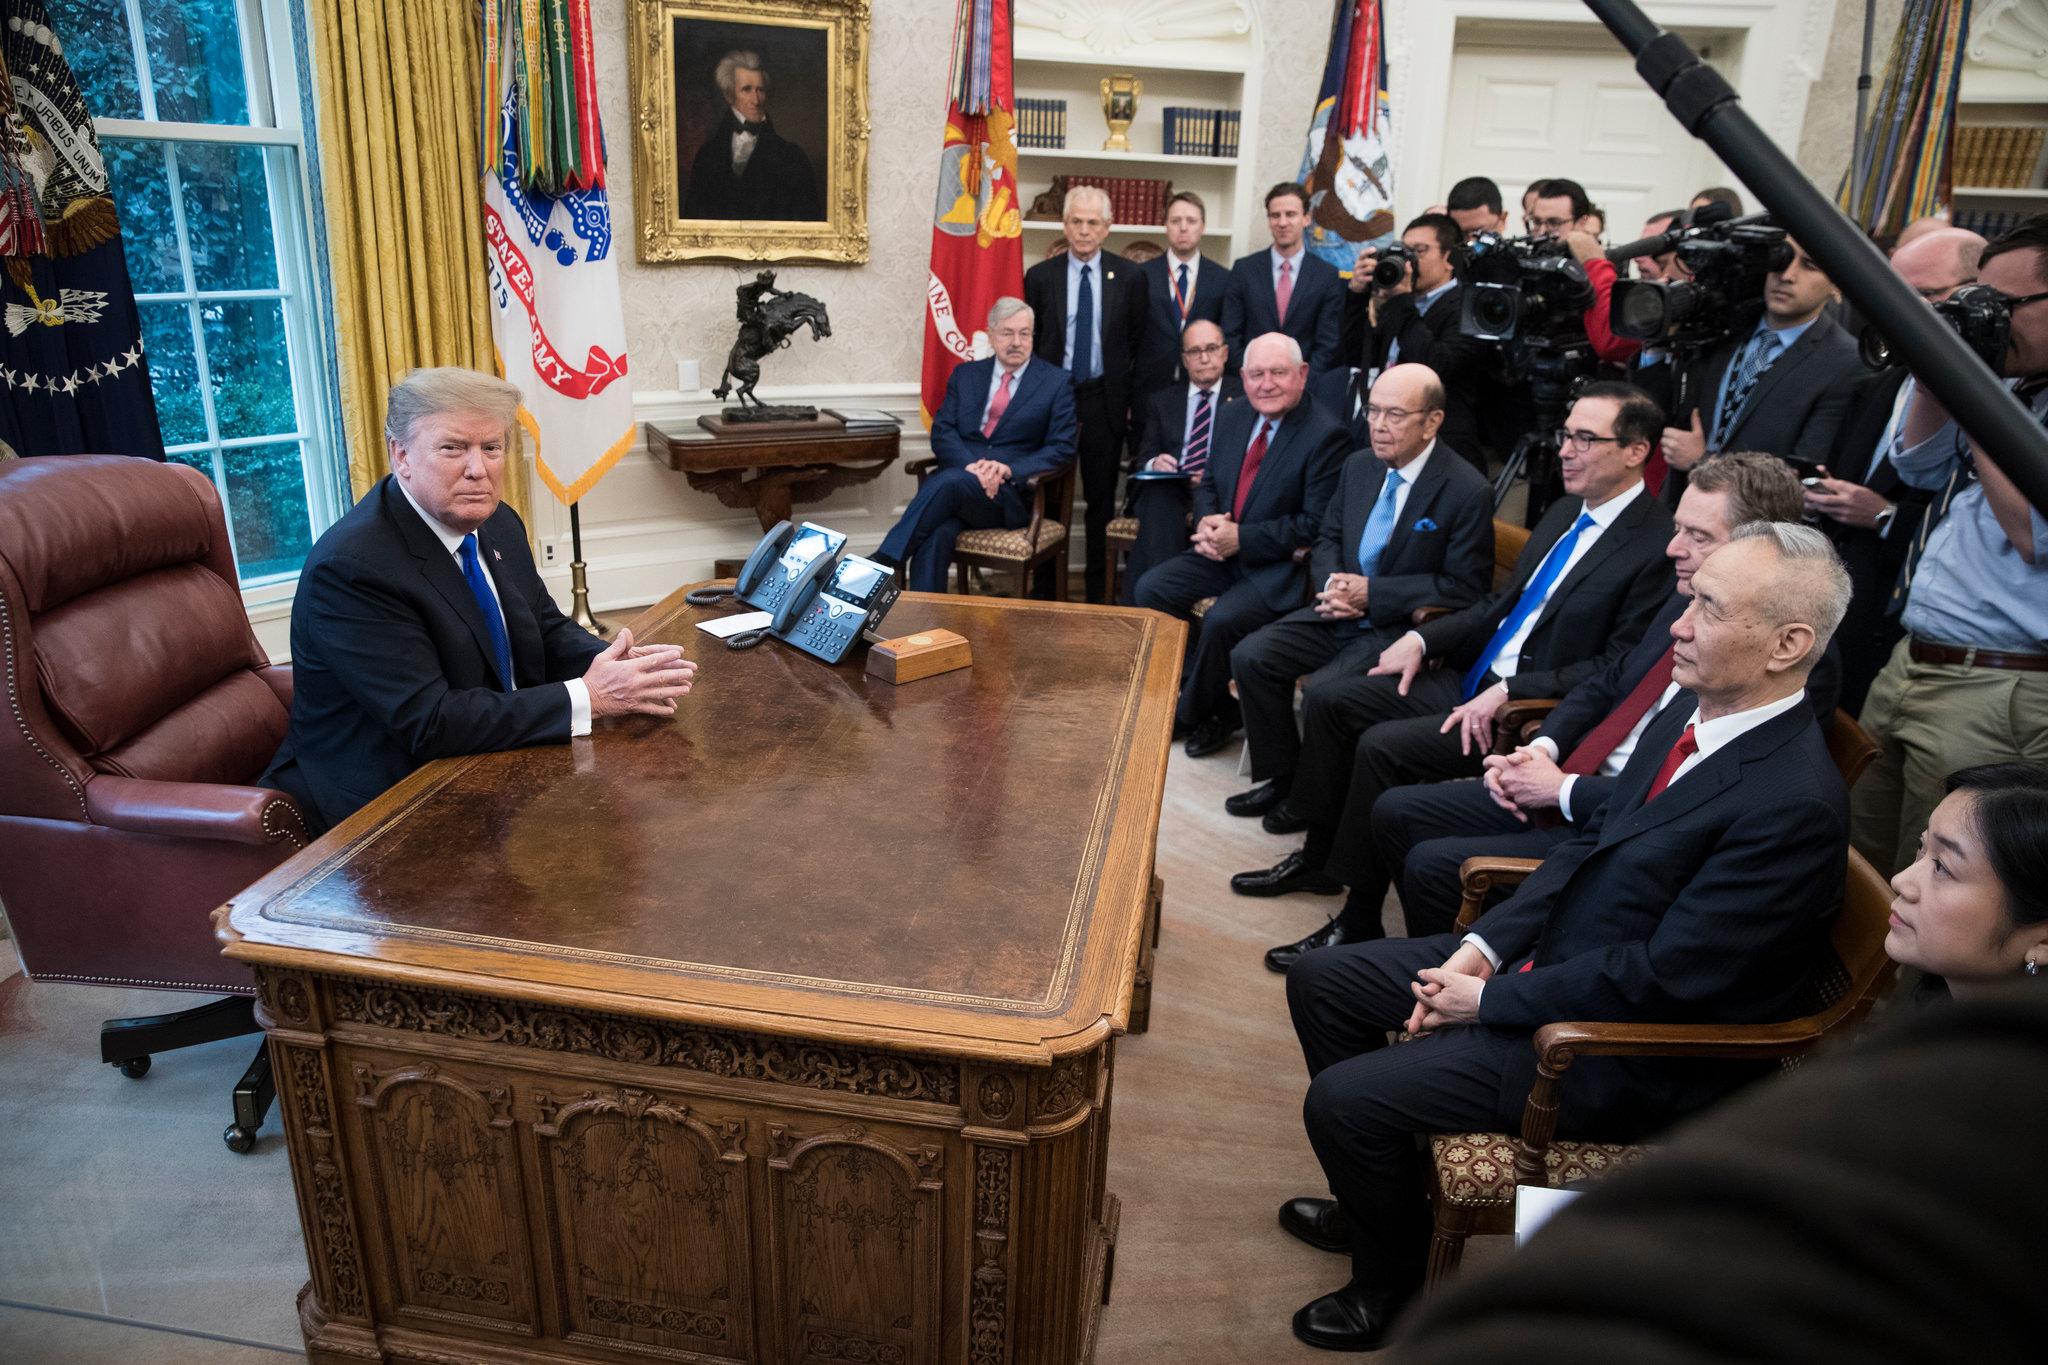 트럼프 대통령이 백악관 집무실에서 미중 협상대표단을 만났다. ⓒSarah Silbiger for The New York Times